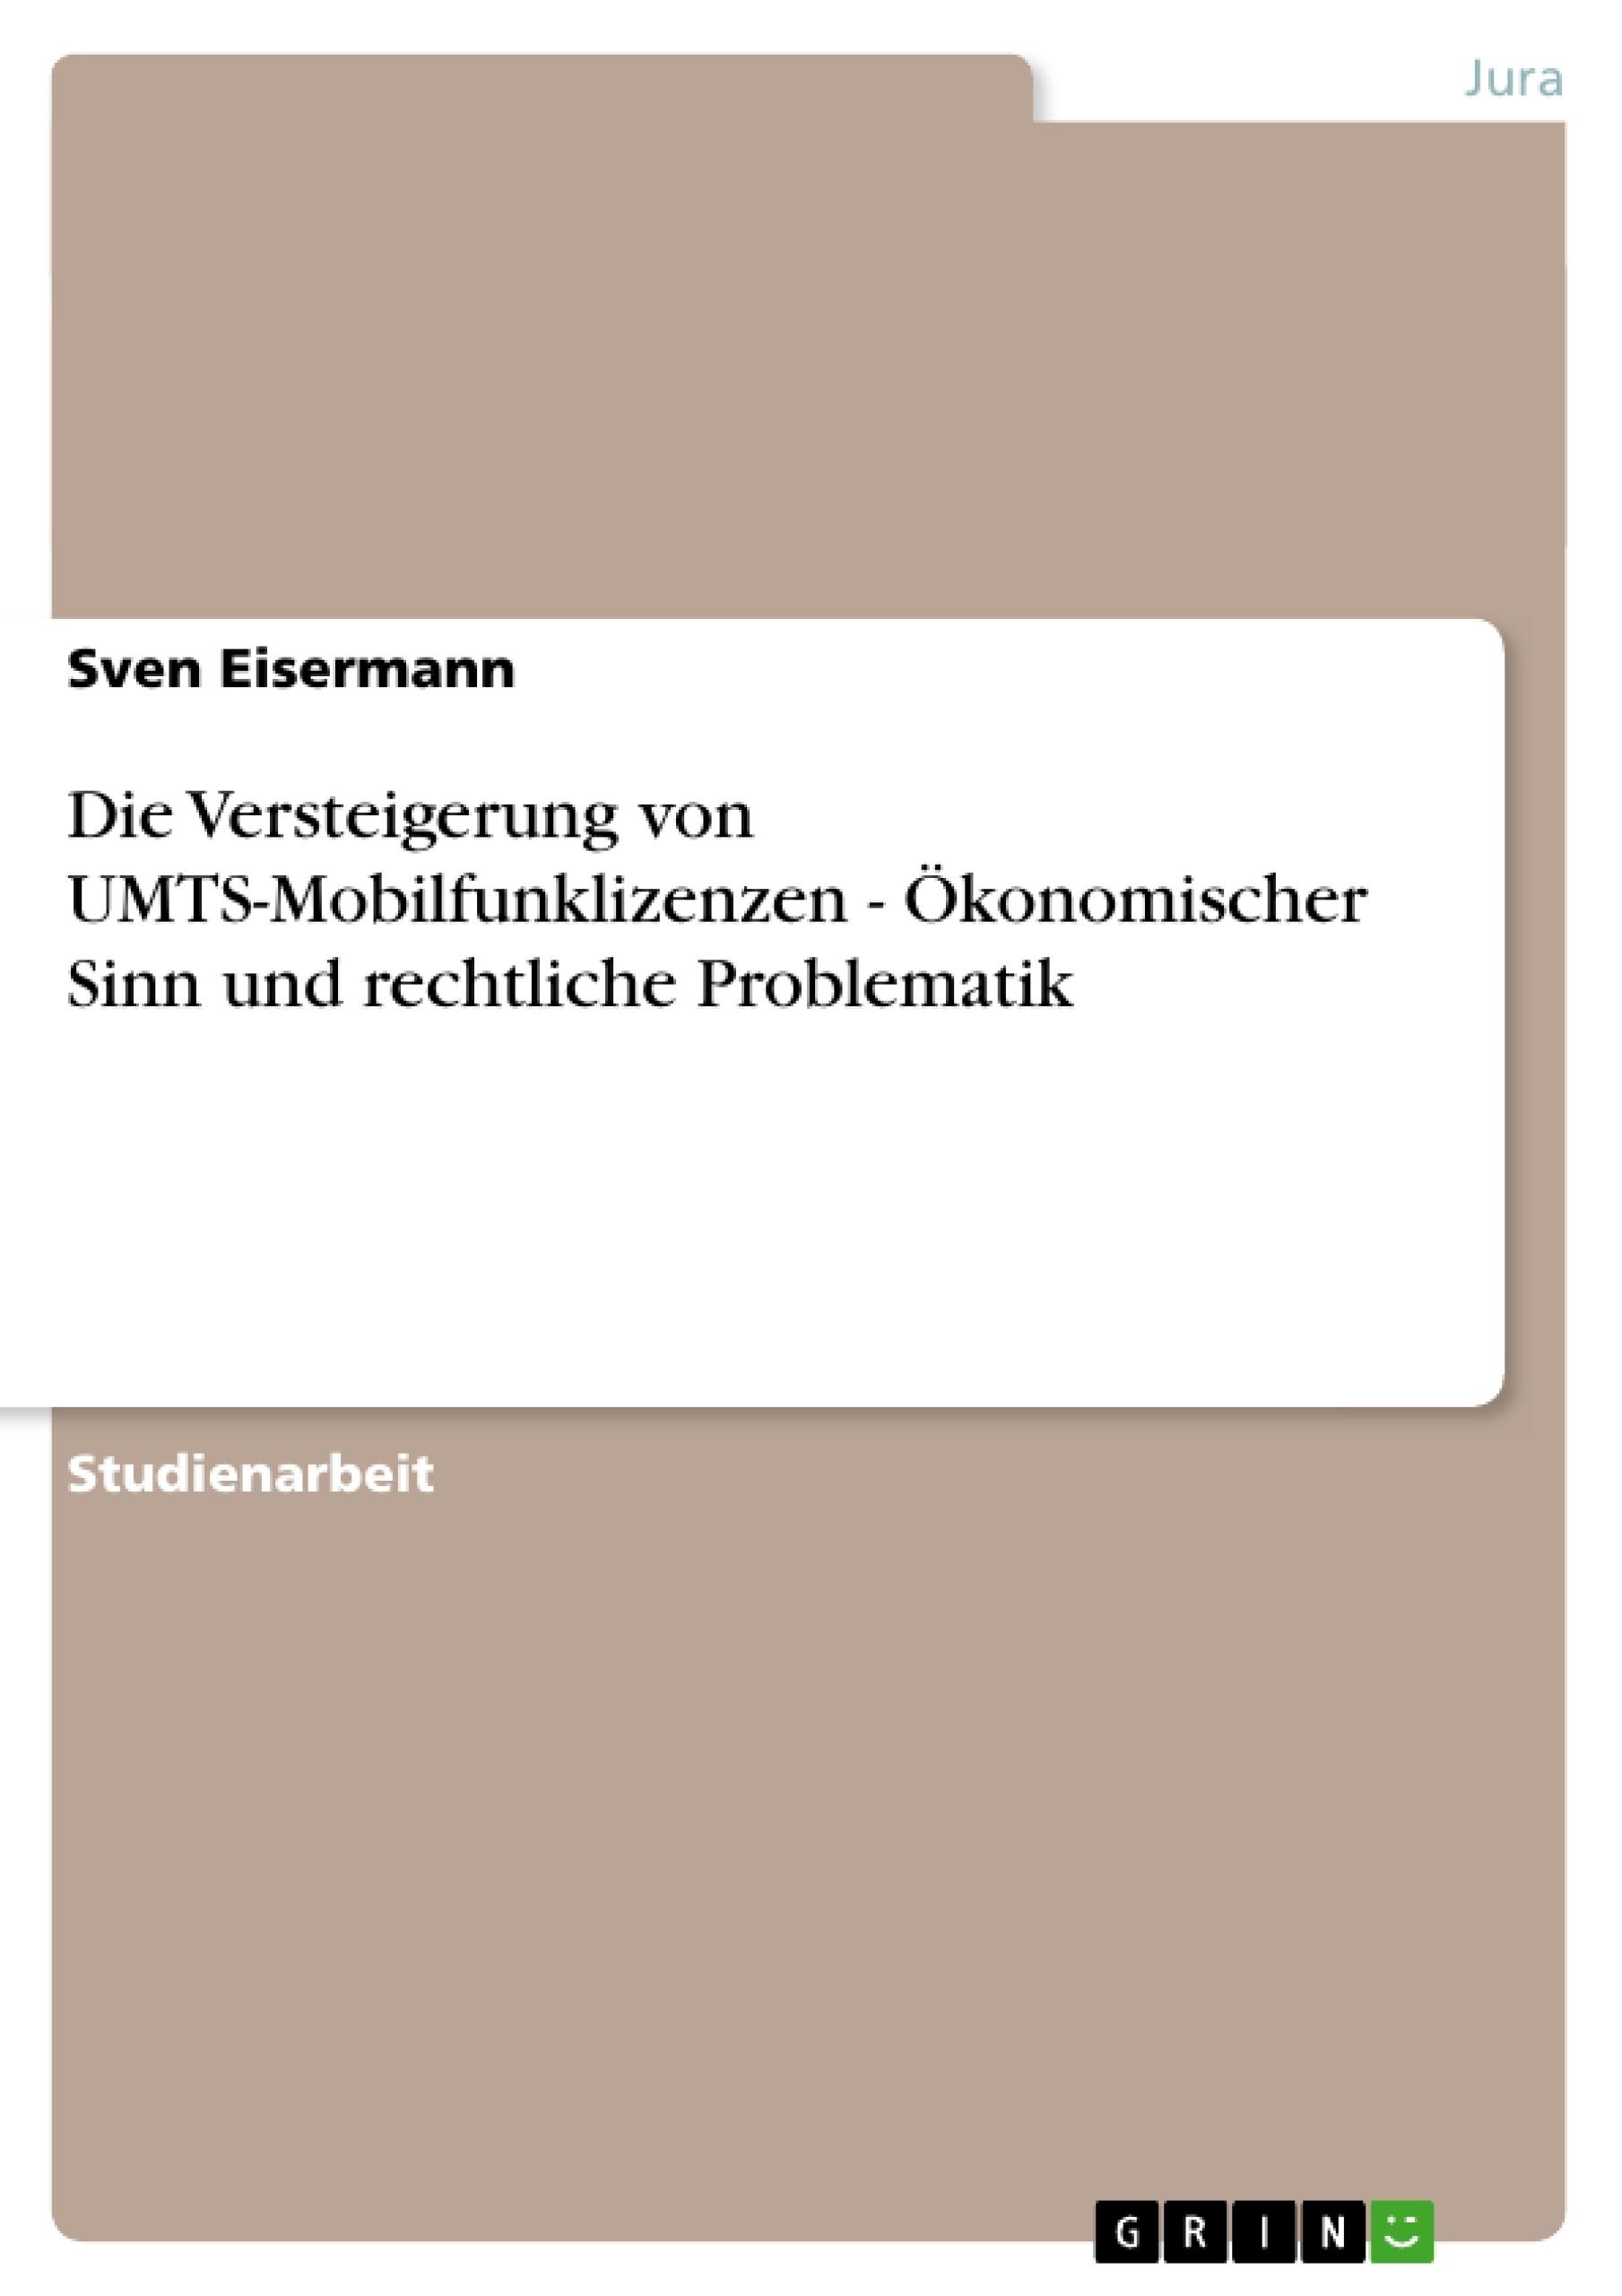 Titel: Die Versteigerung von UMTS-Mobilfunklizenzen - Ökonomischer Sinn und rechtliche Problematik